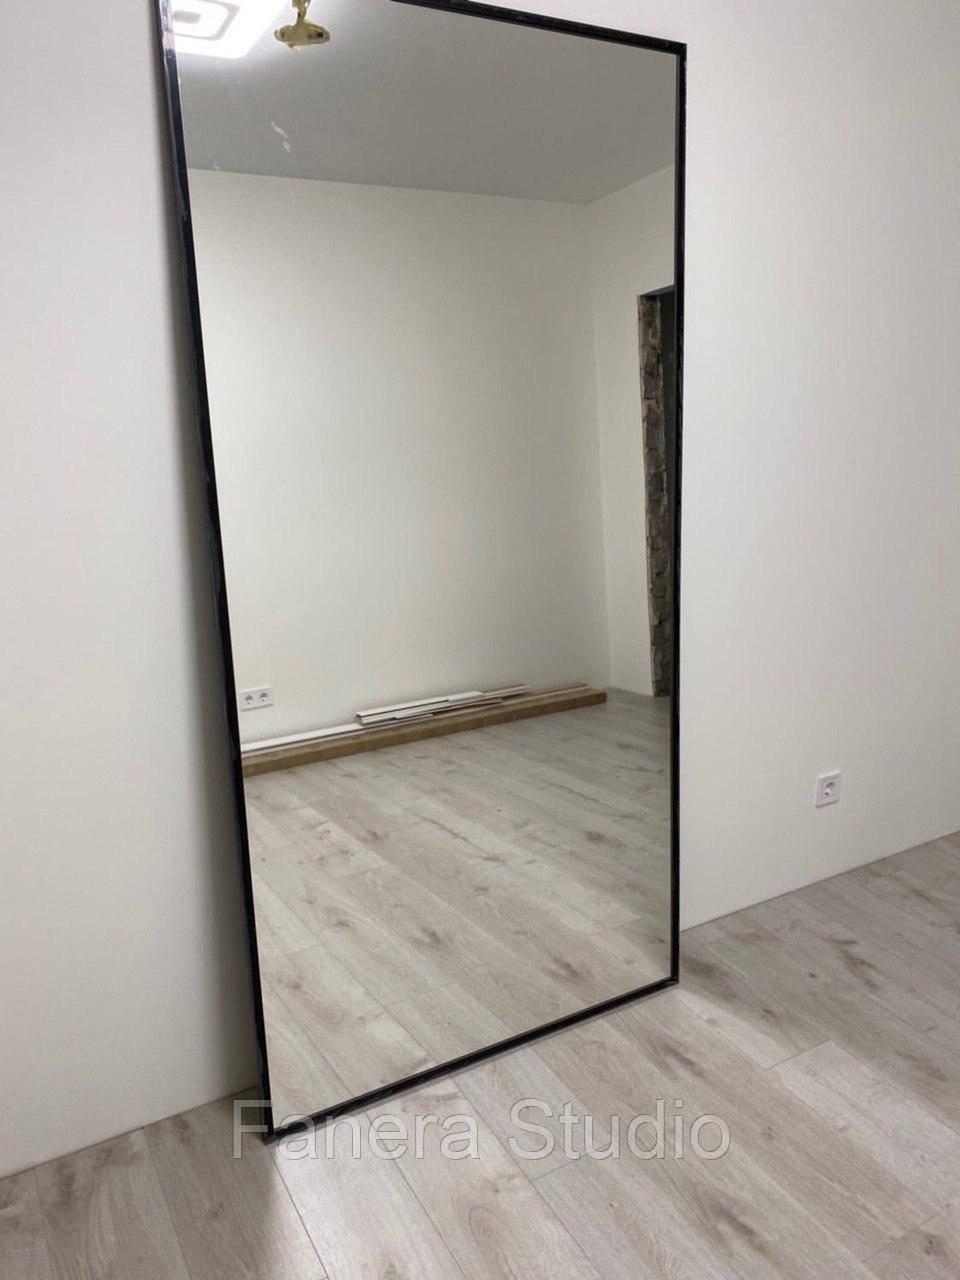 Зеркало настенное в металлической раме во весь рост 1700х700 мм большое напольное